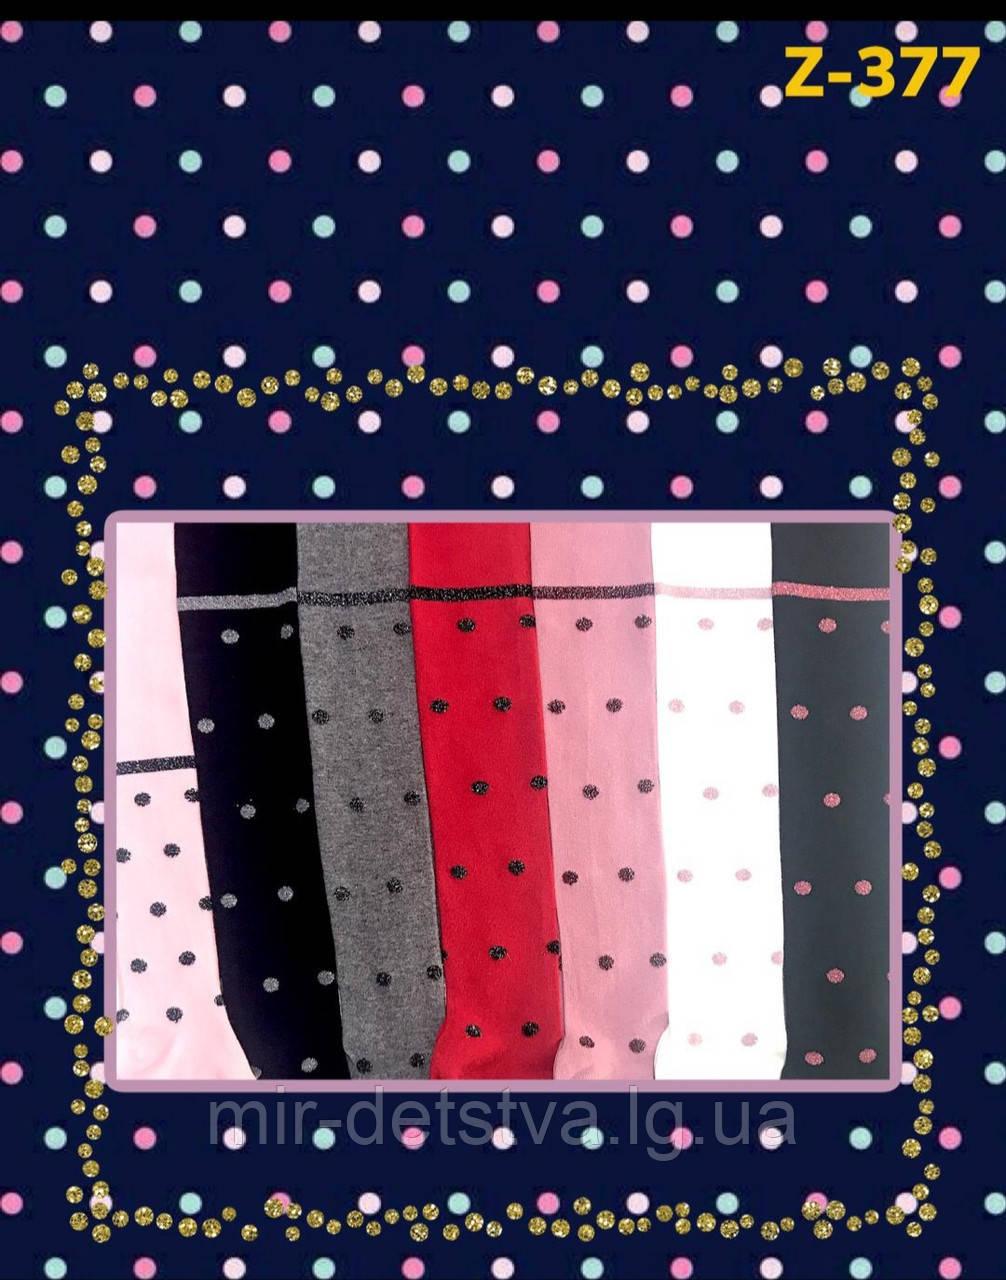 Нарядные колготки для девочек  оптом, Турция ТМ PIER LONE р.9-10 (134-140 см)